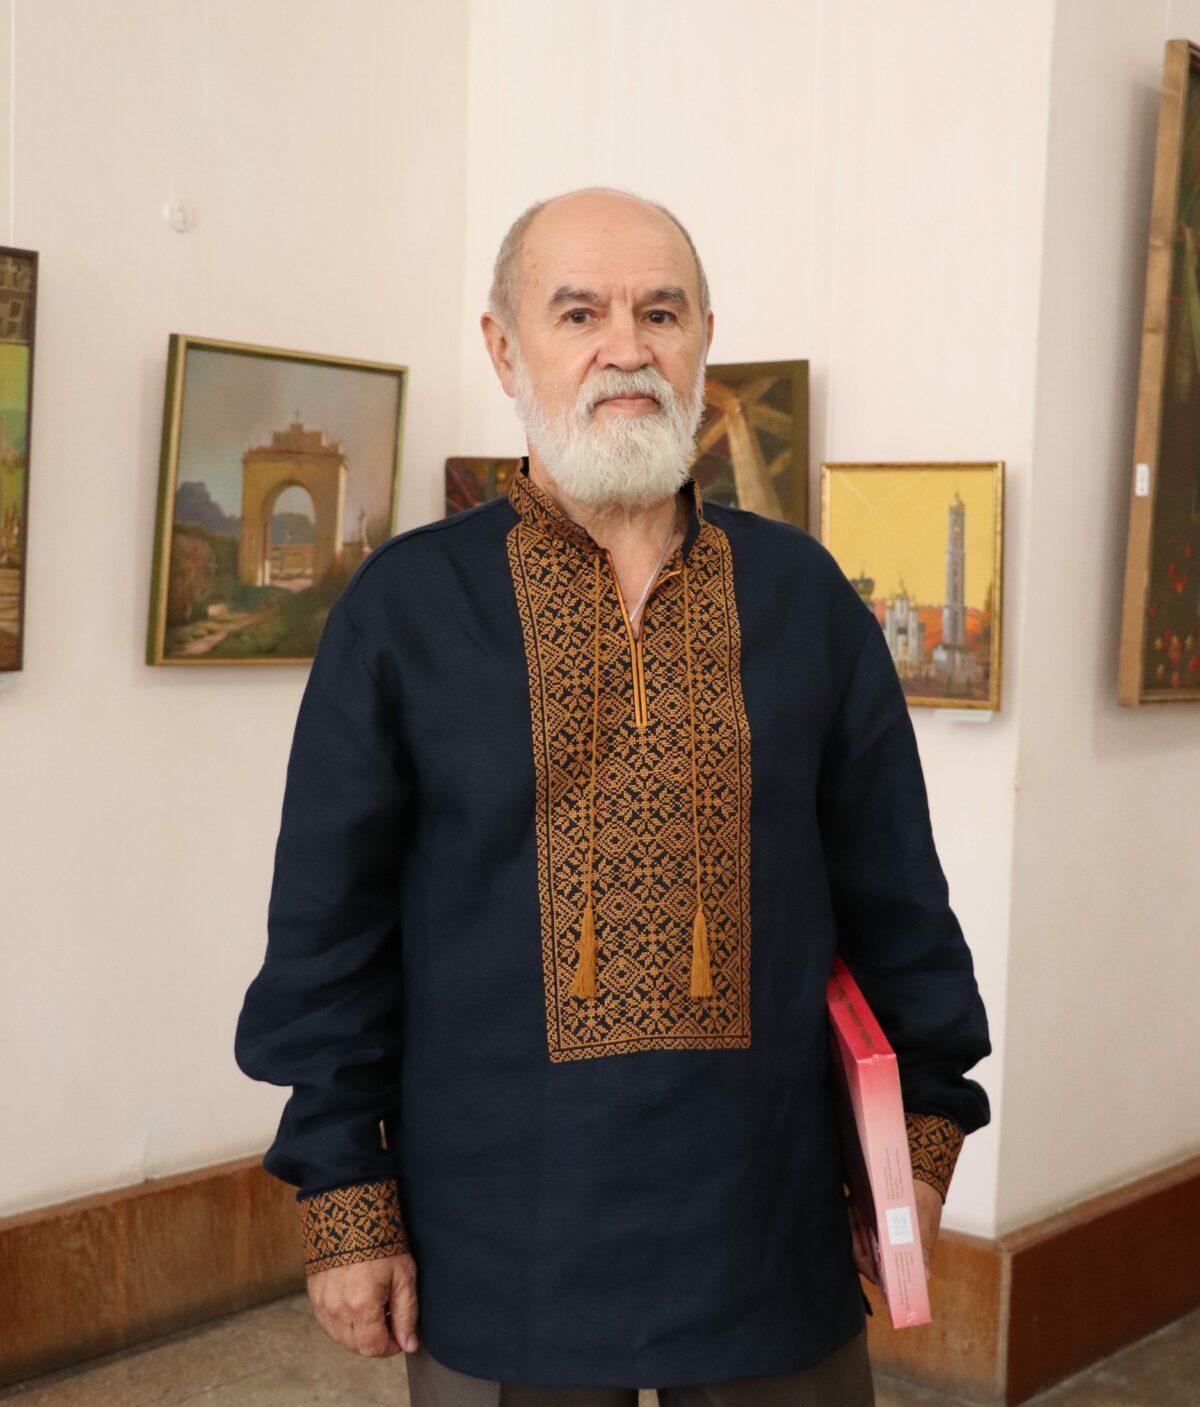 Богдан Ткачик: «Спочатку вони «падають» в душу, а потім на пензель, і я малюю…»